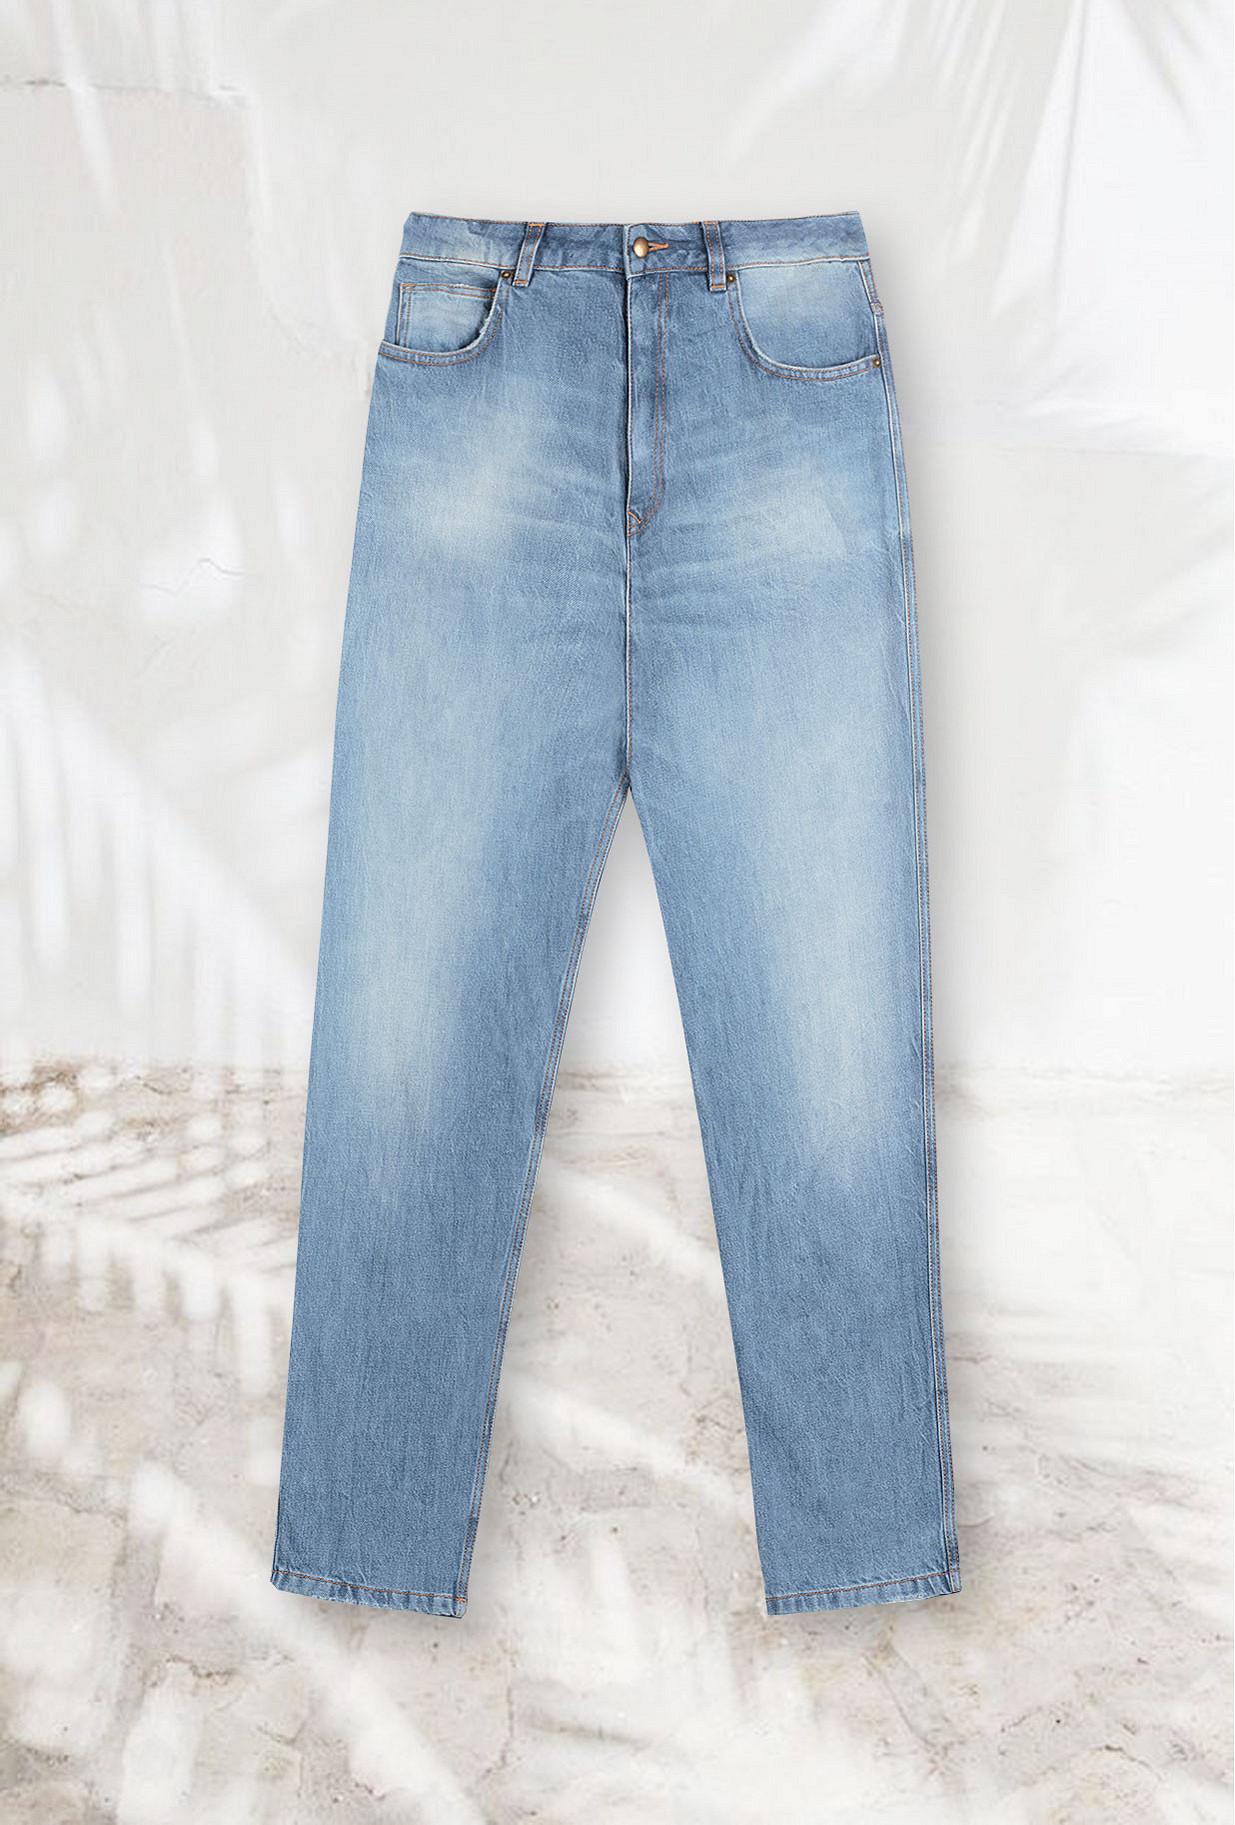 Jeans Mc Queen Mes Demoiselles color Light blue